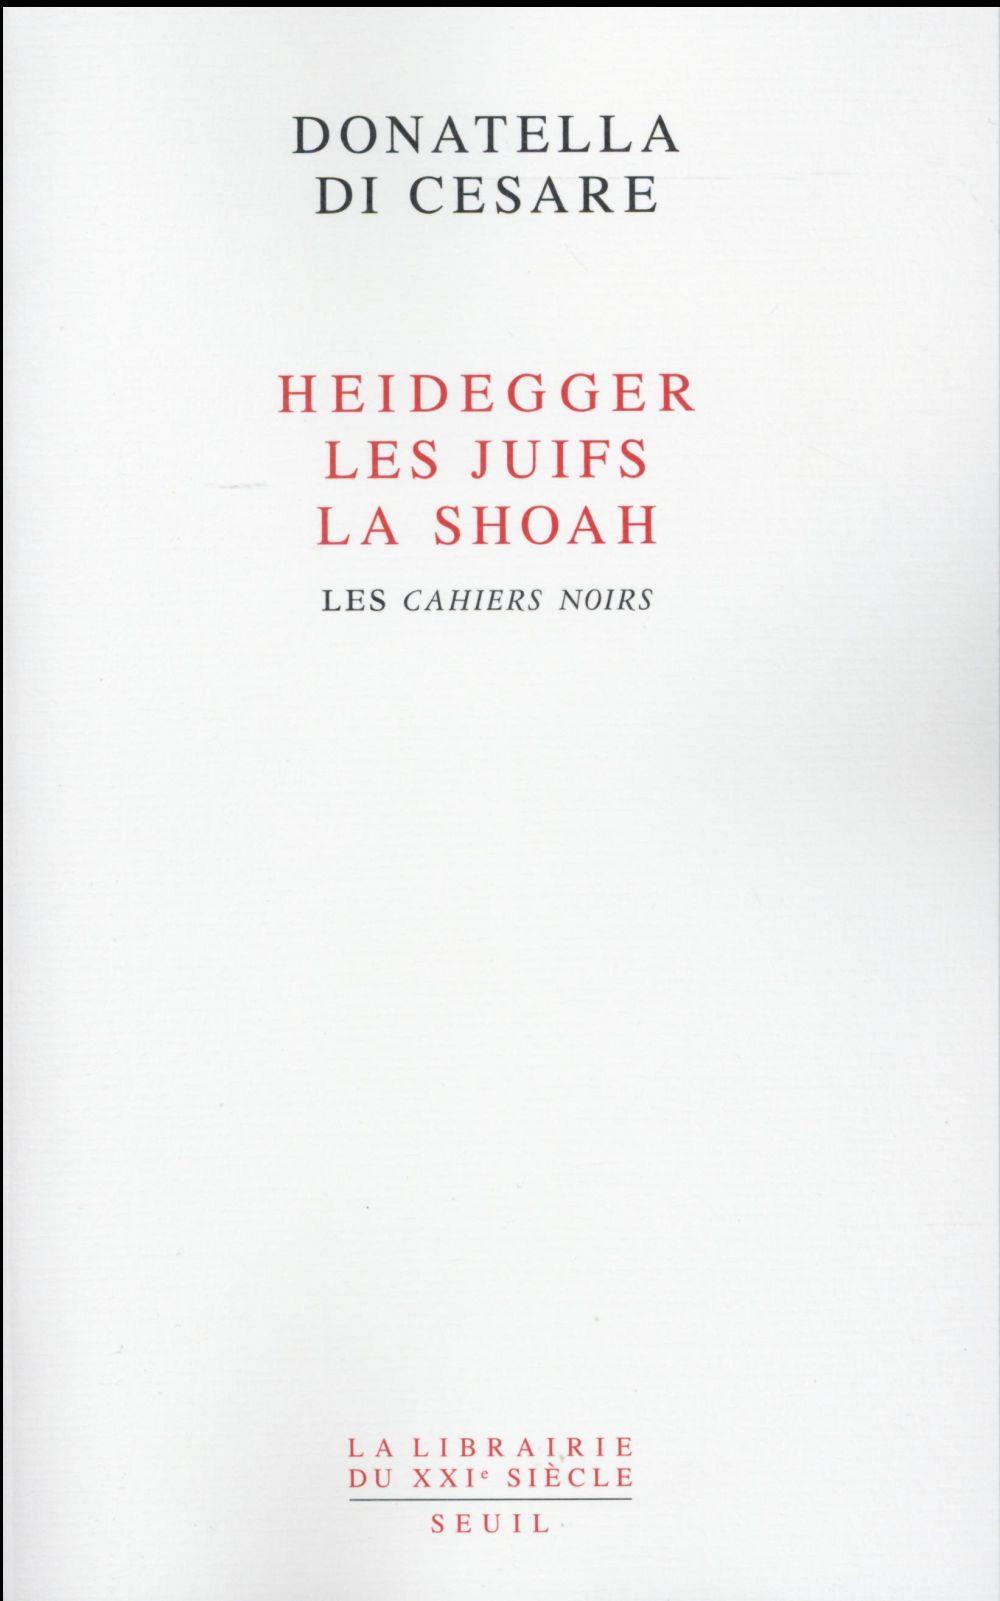 HEIDEGGER, LES JUIFS, LA SHOAH / LES CAHIERS NOIRS